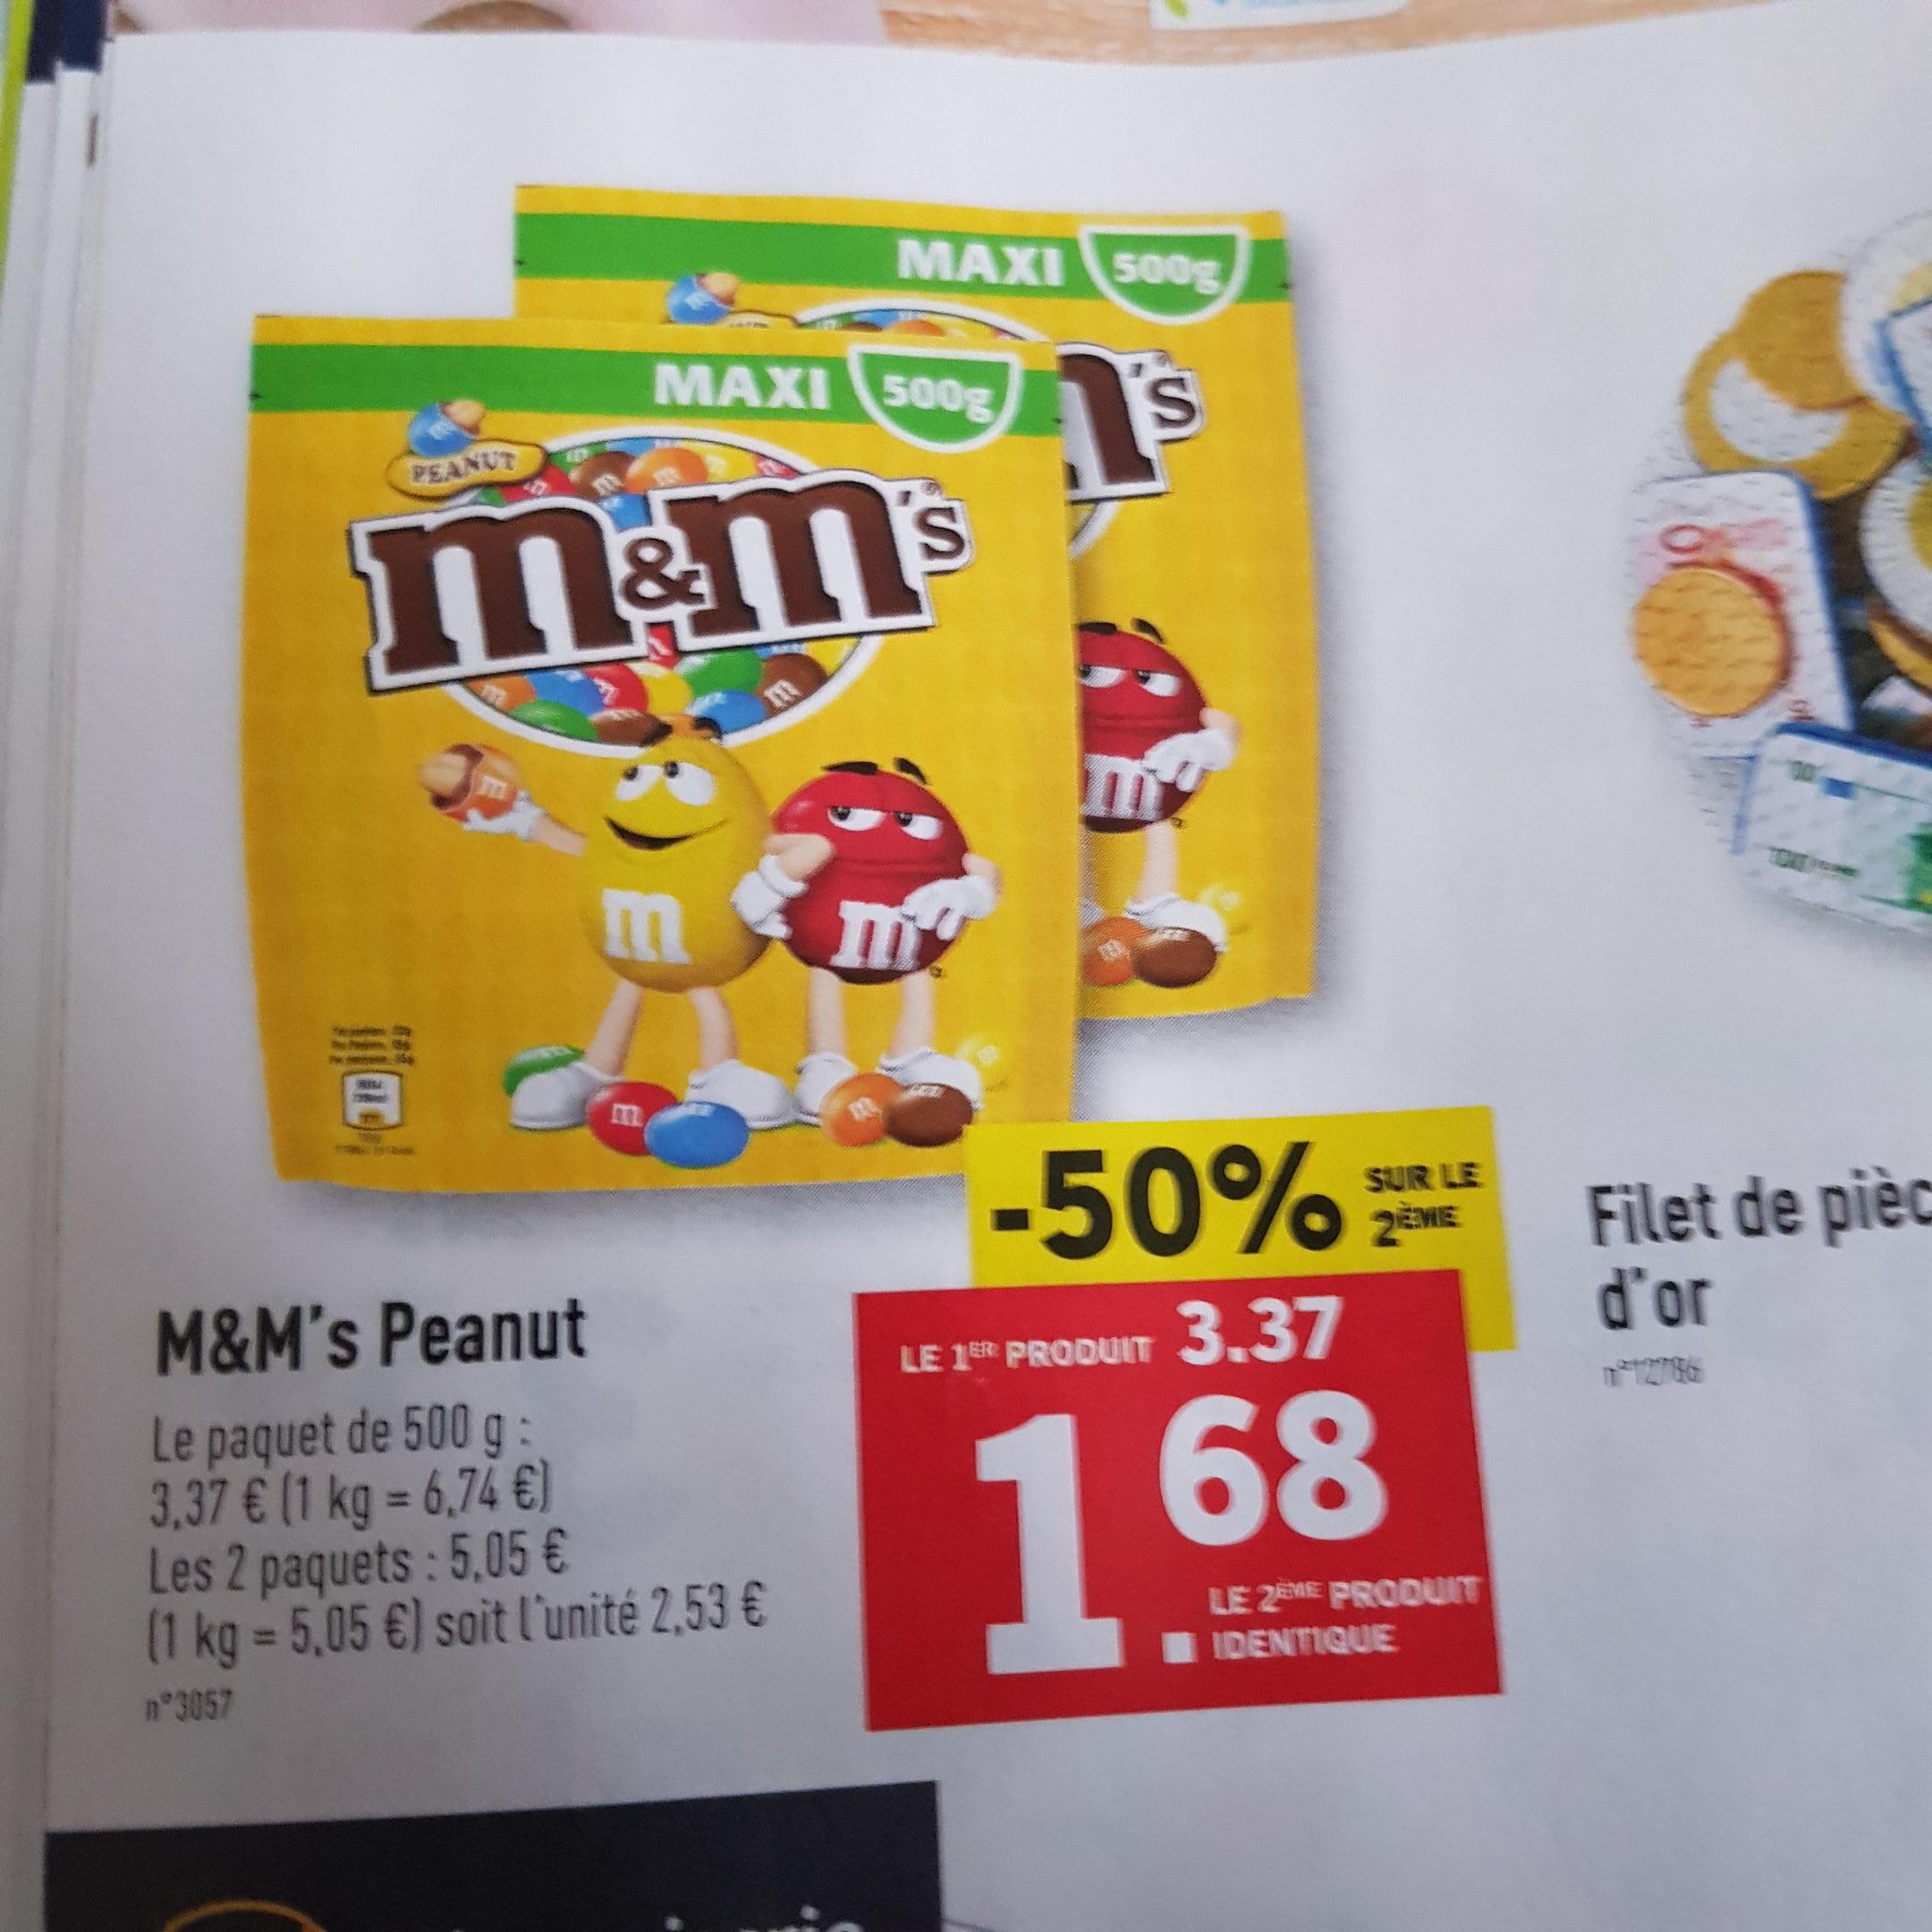 2 Paquets de M&M'S - 2x500g